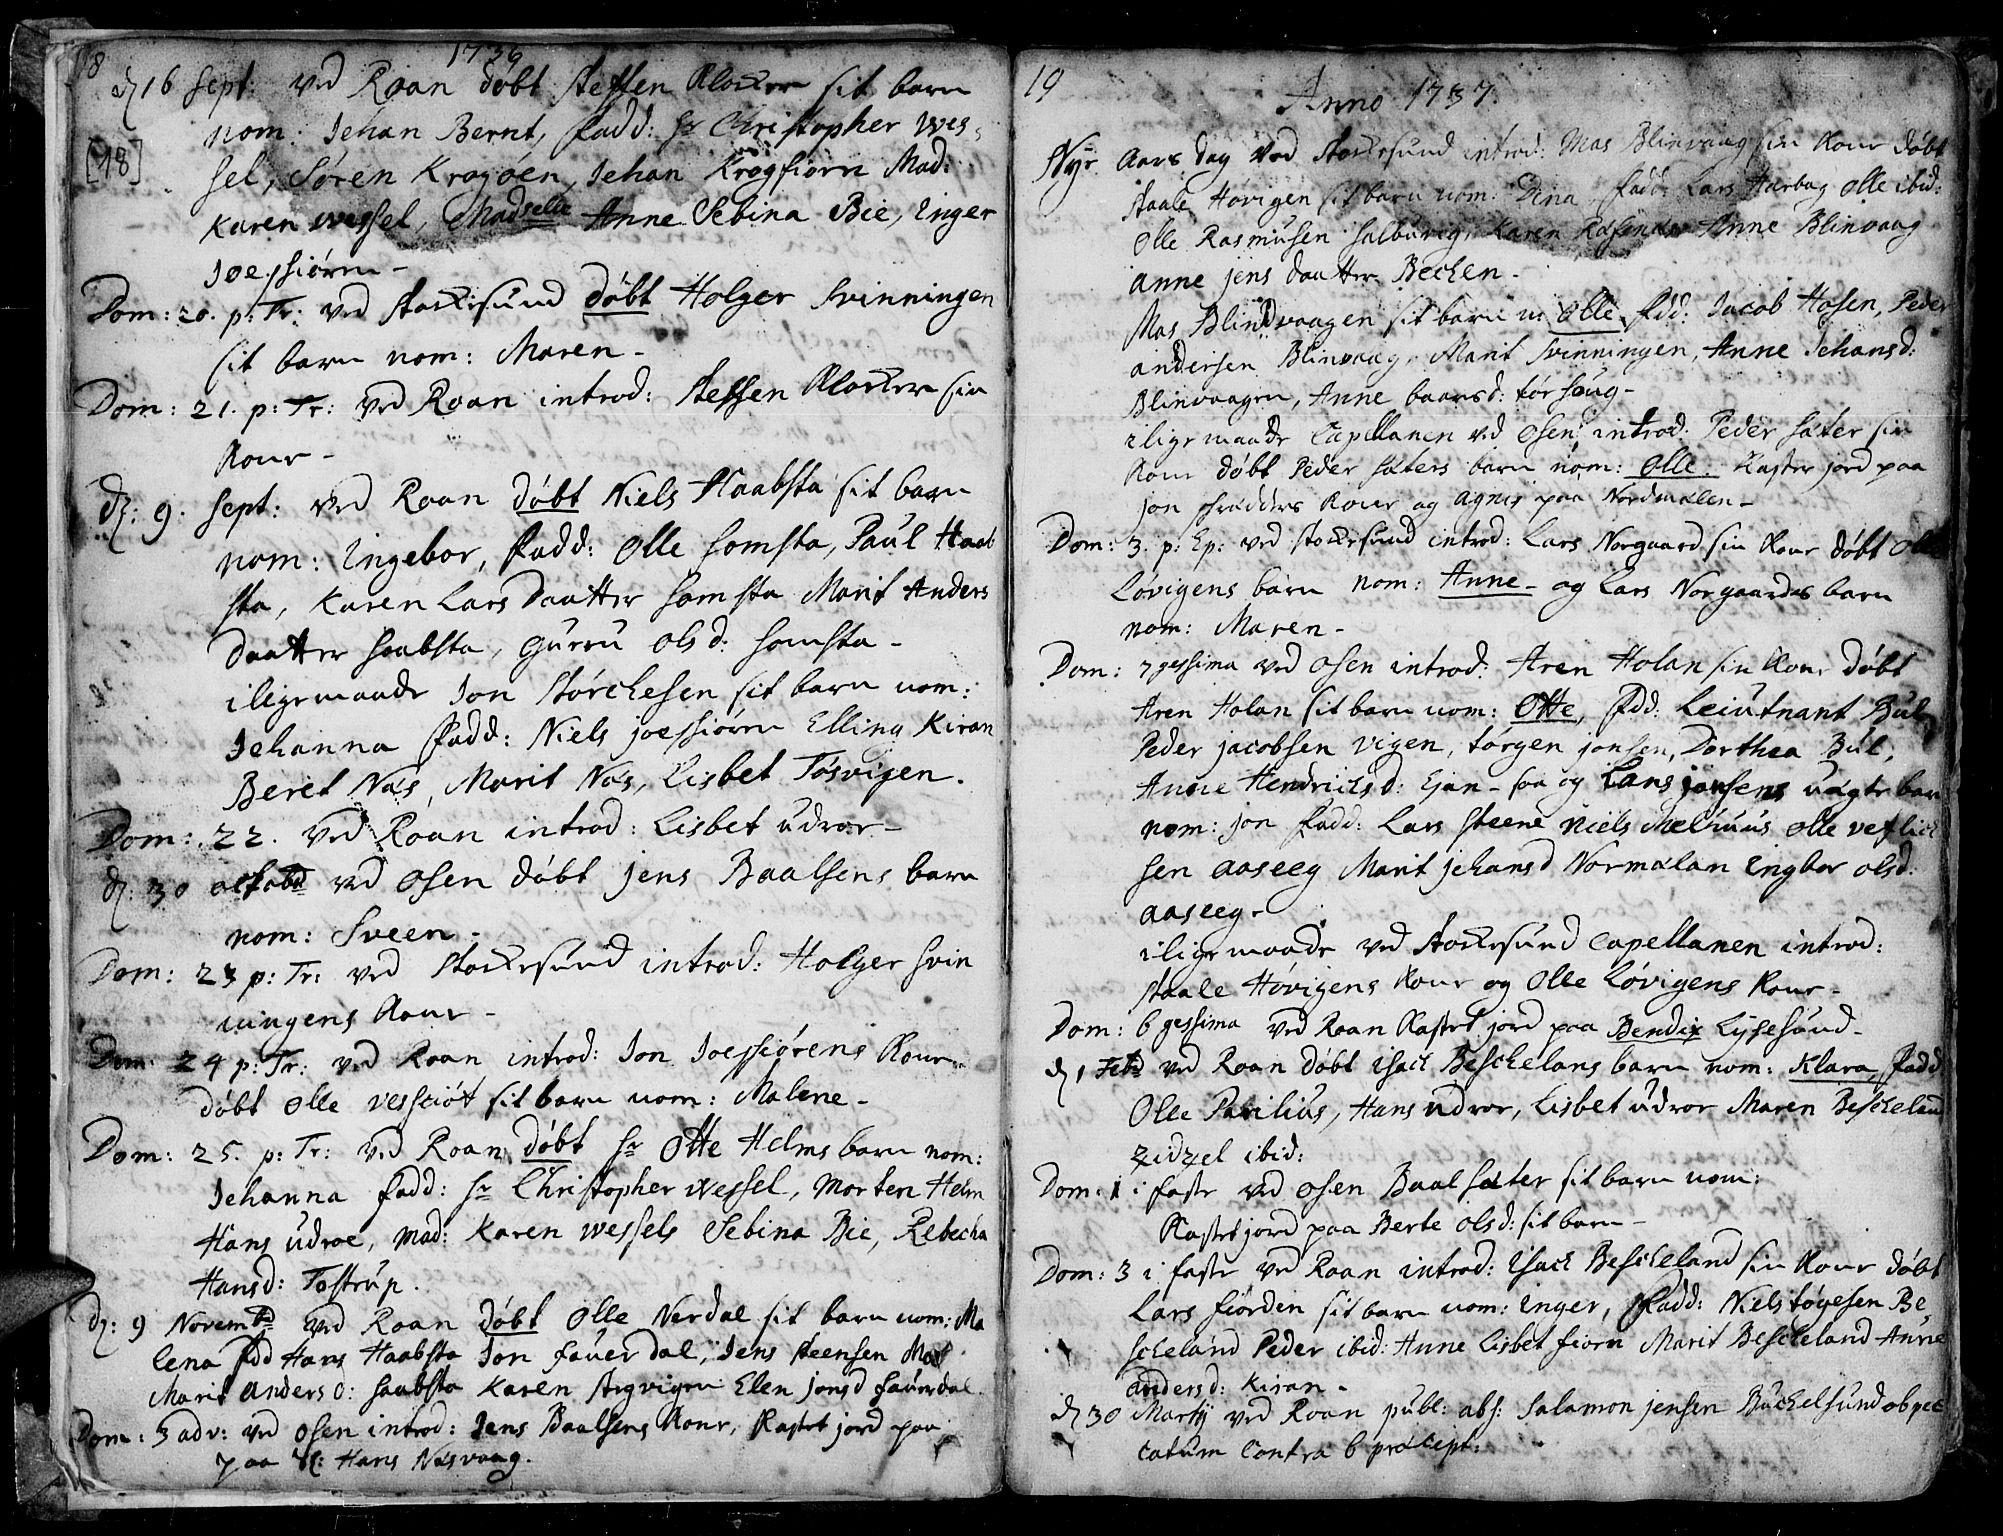 SAT, Ministerialprotokoller, klokkerbøker og fødselsregistre - Sør-Trøndelag, 657/L0700: Ministerialbok nr. 657A01, 1732-1801, s. 18-19